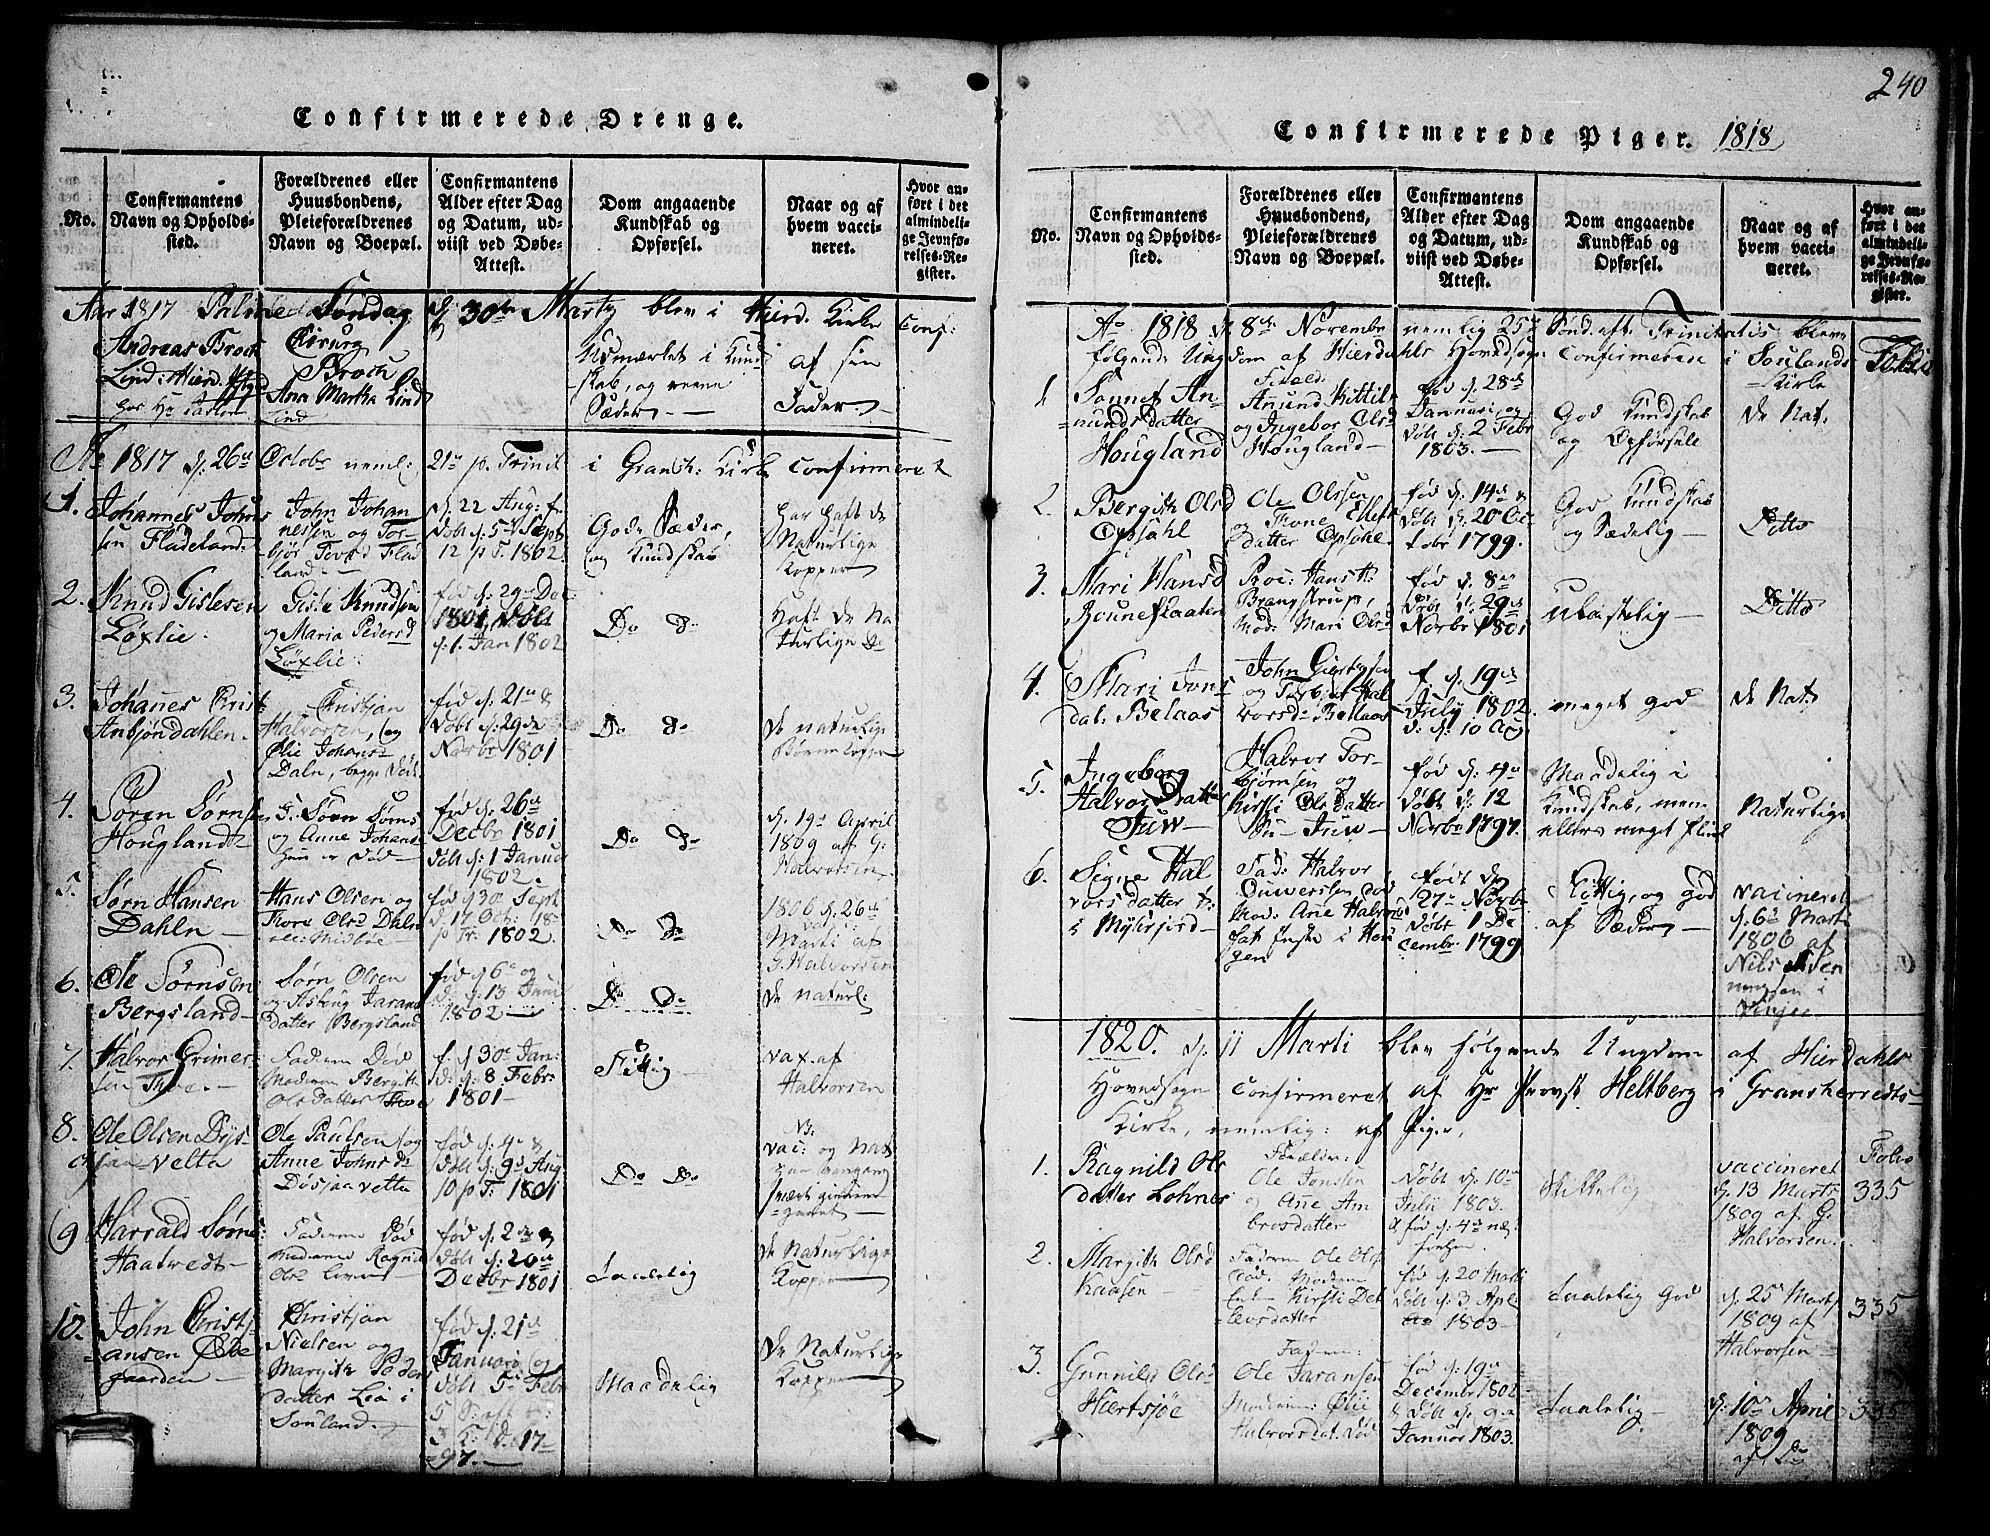 SAKO, Hjartdal kirkebøker, G/Ga/L0001: Klokkerbok nr. I 1, 1815-1842, s. 240